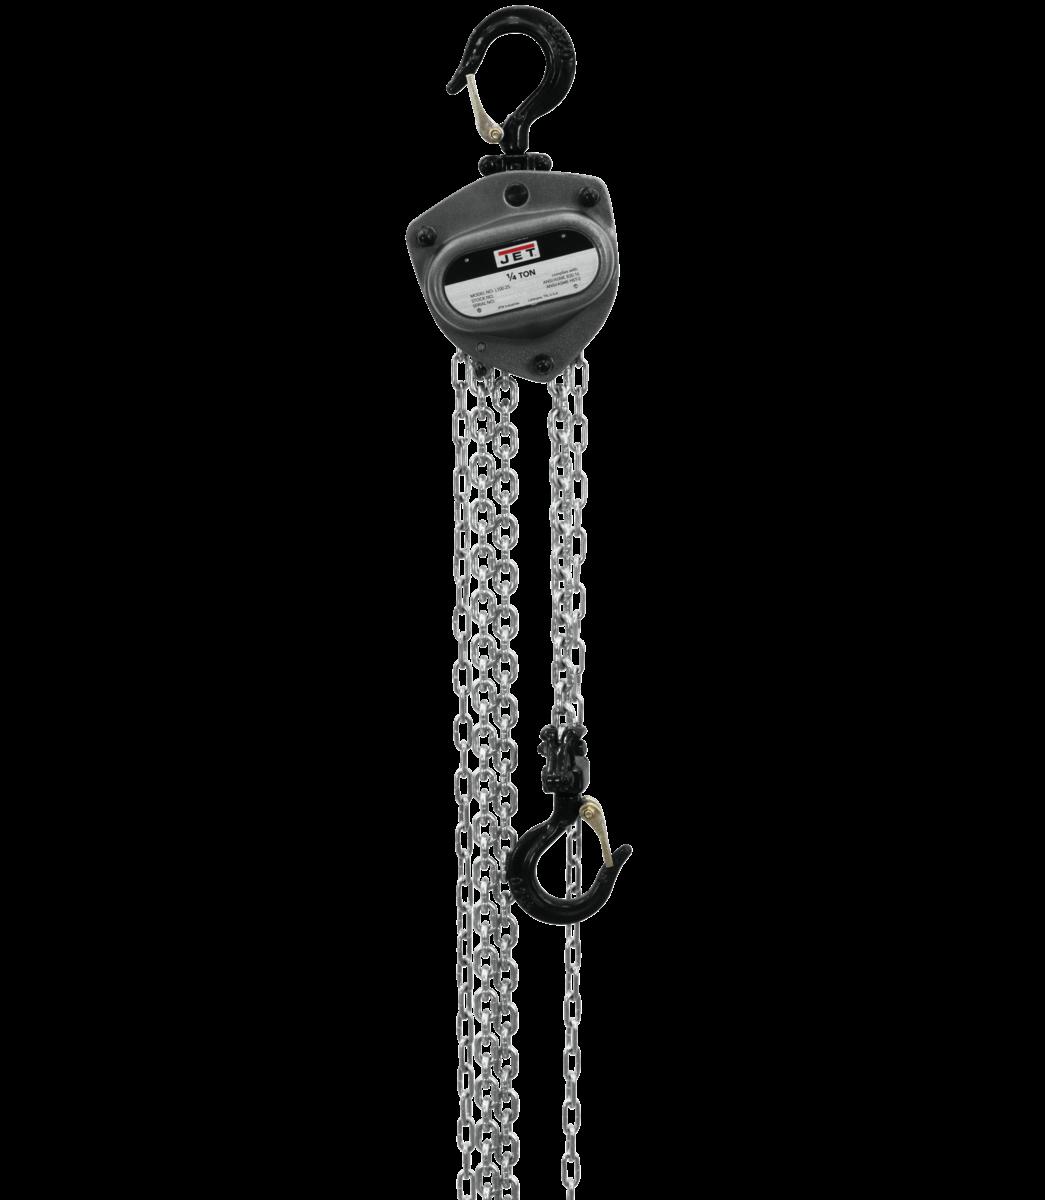 L100-250WO-30 polipasto de 1/4 de tonelada con elevación de 30' y protección contra sobrecarga